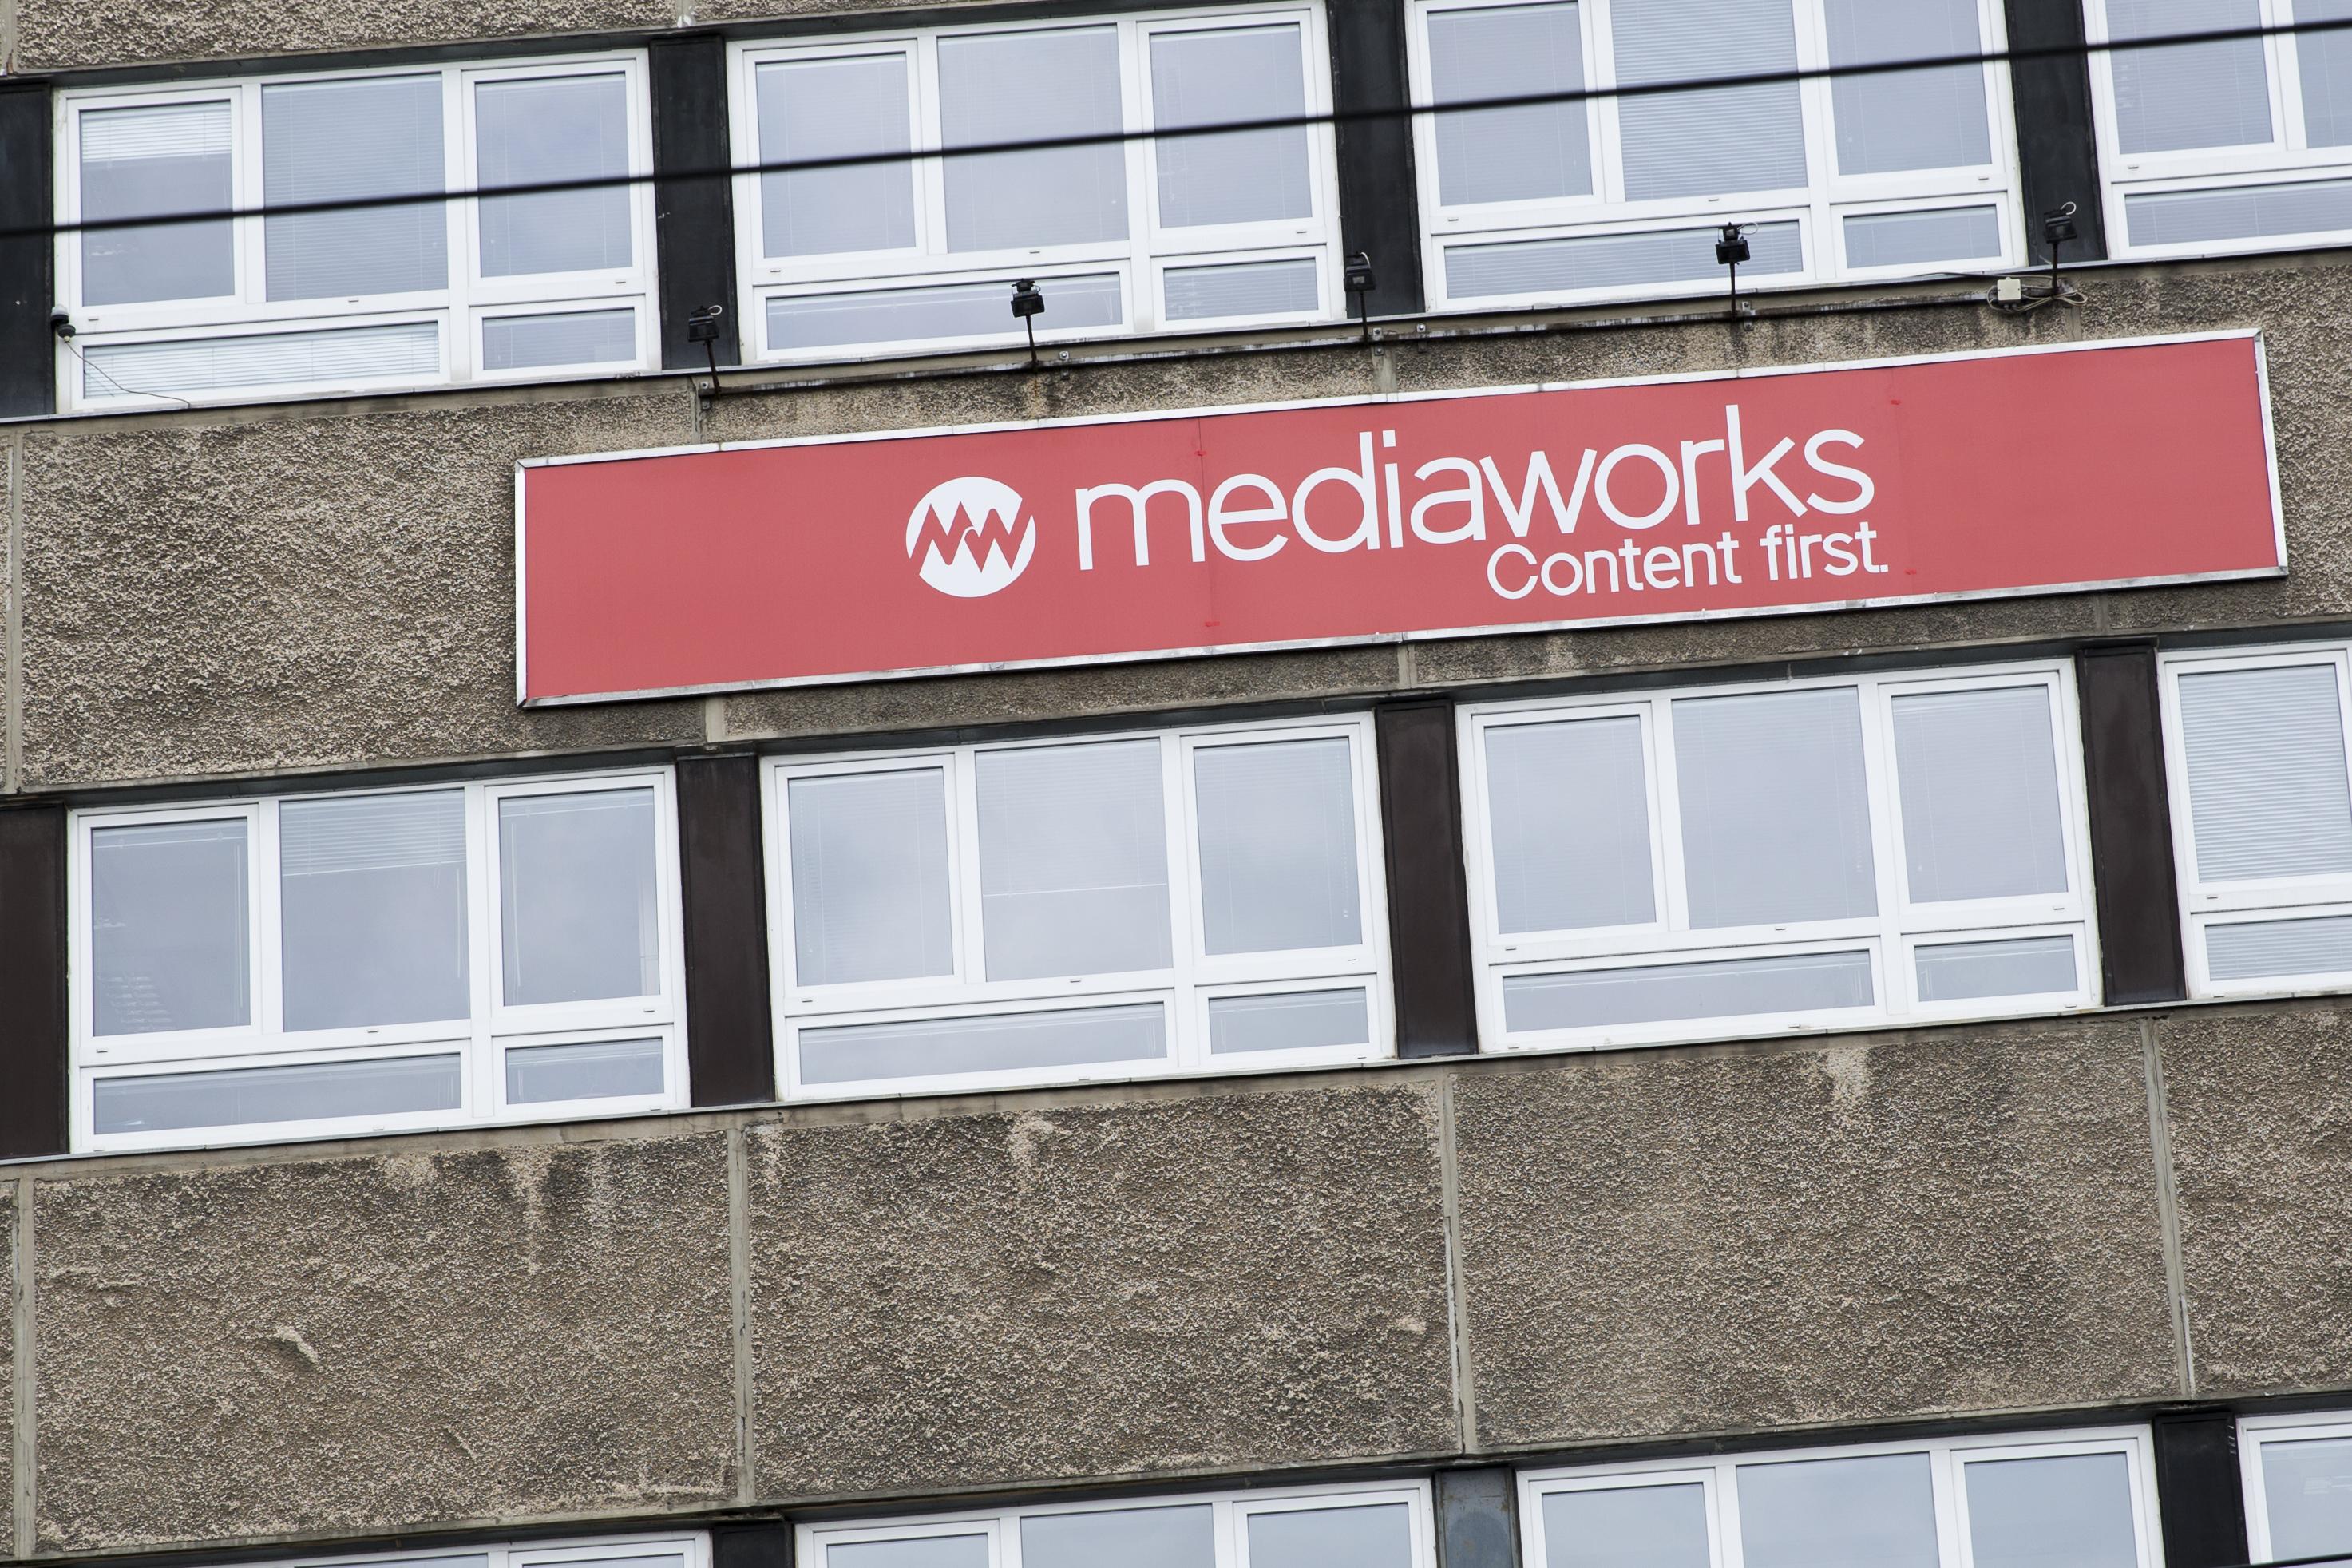 Három kiadó olvadt be a Mediaworksbe